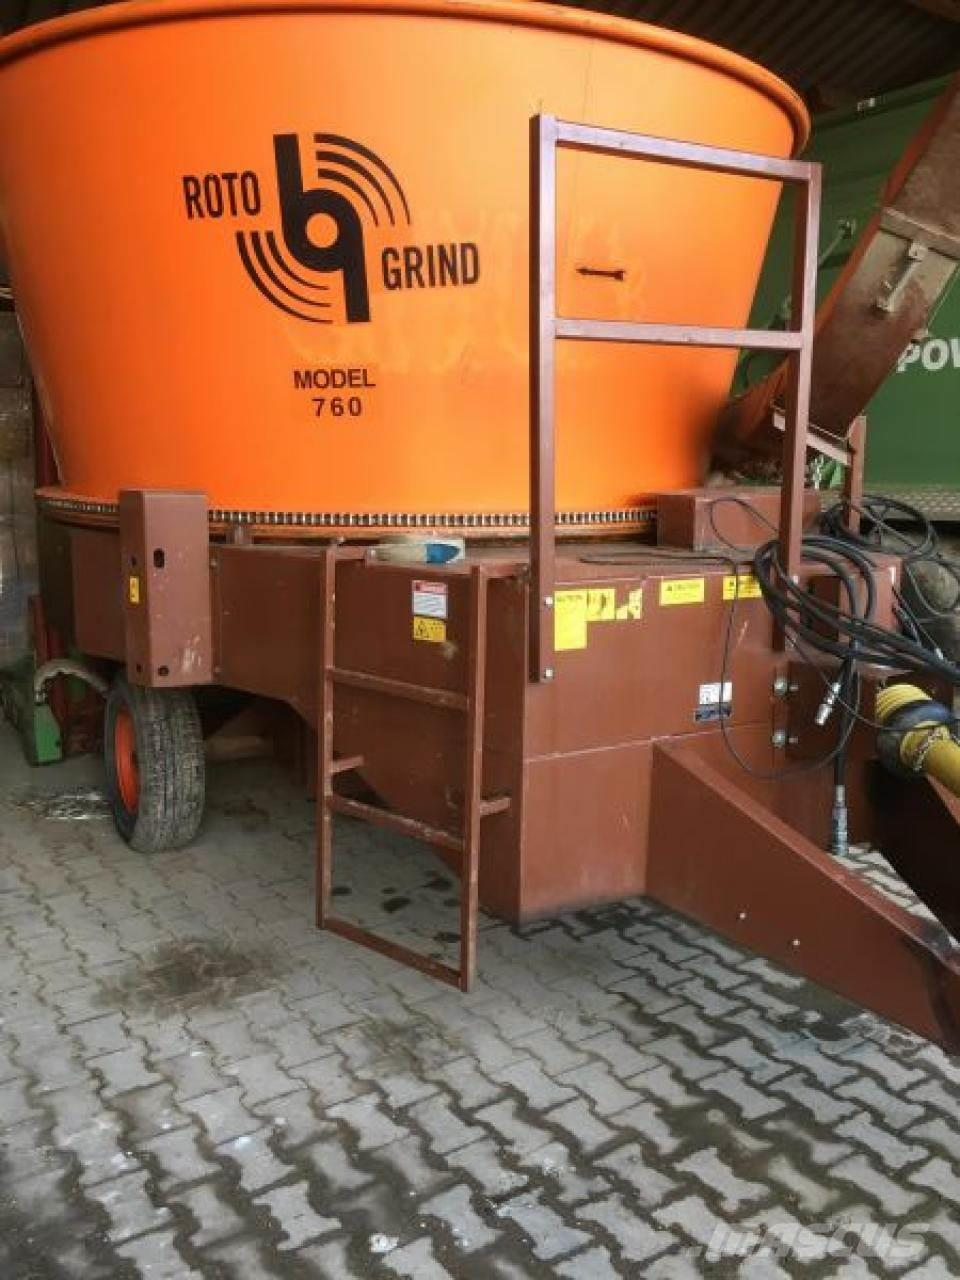 Roto Grind 760